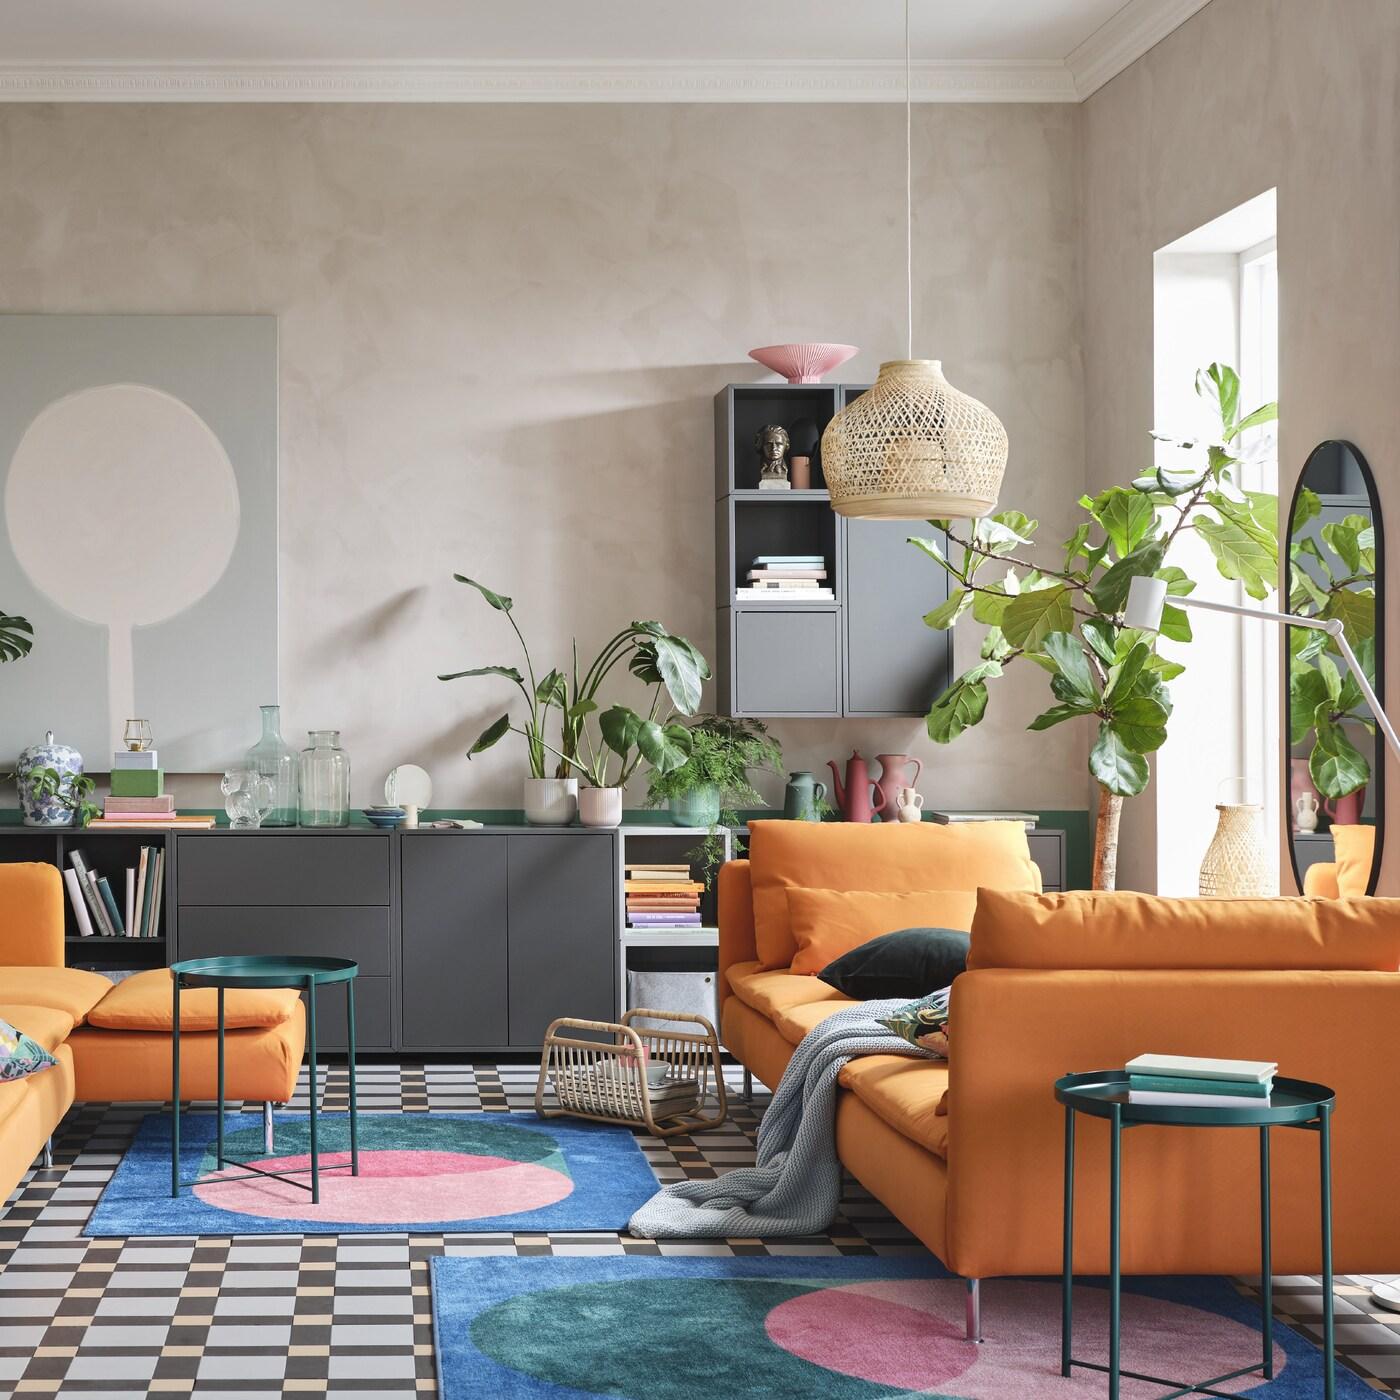 Olohuoneessa on oranssi divaanisohva ja oranssi divaani, harmaa säilytyskaluste, värikkäitä mattoja sekä kaksi vihreää tarjotinpöytää.